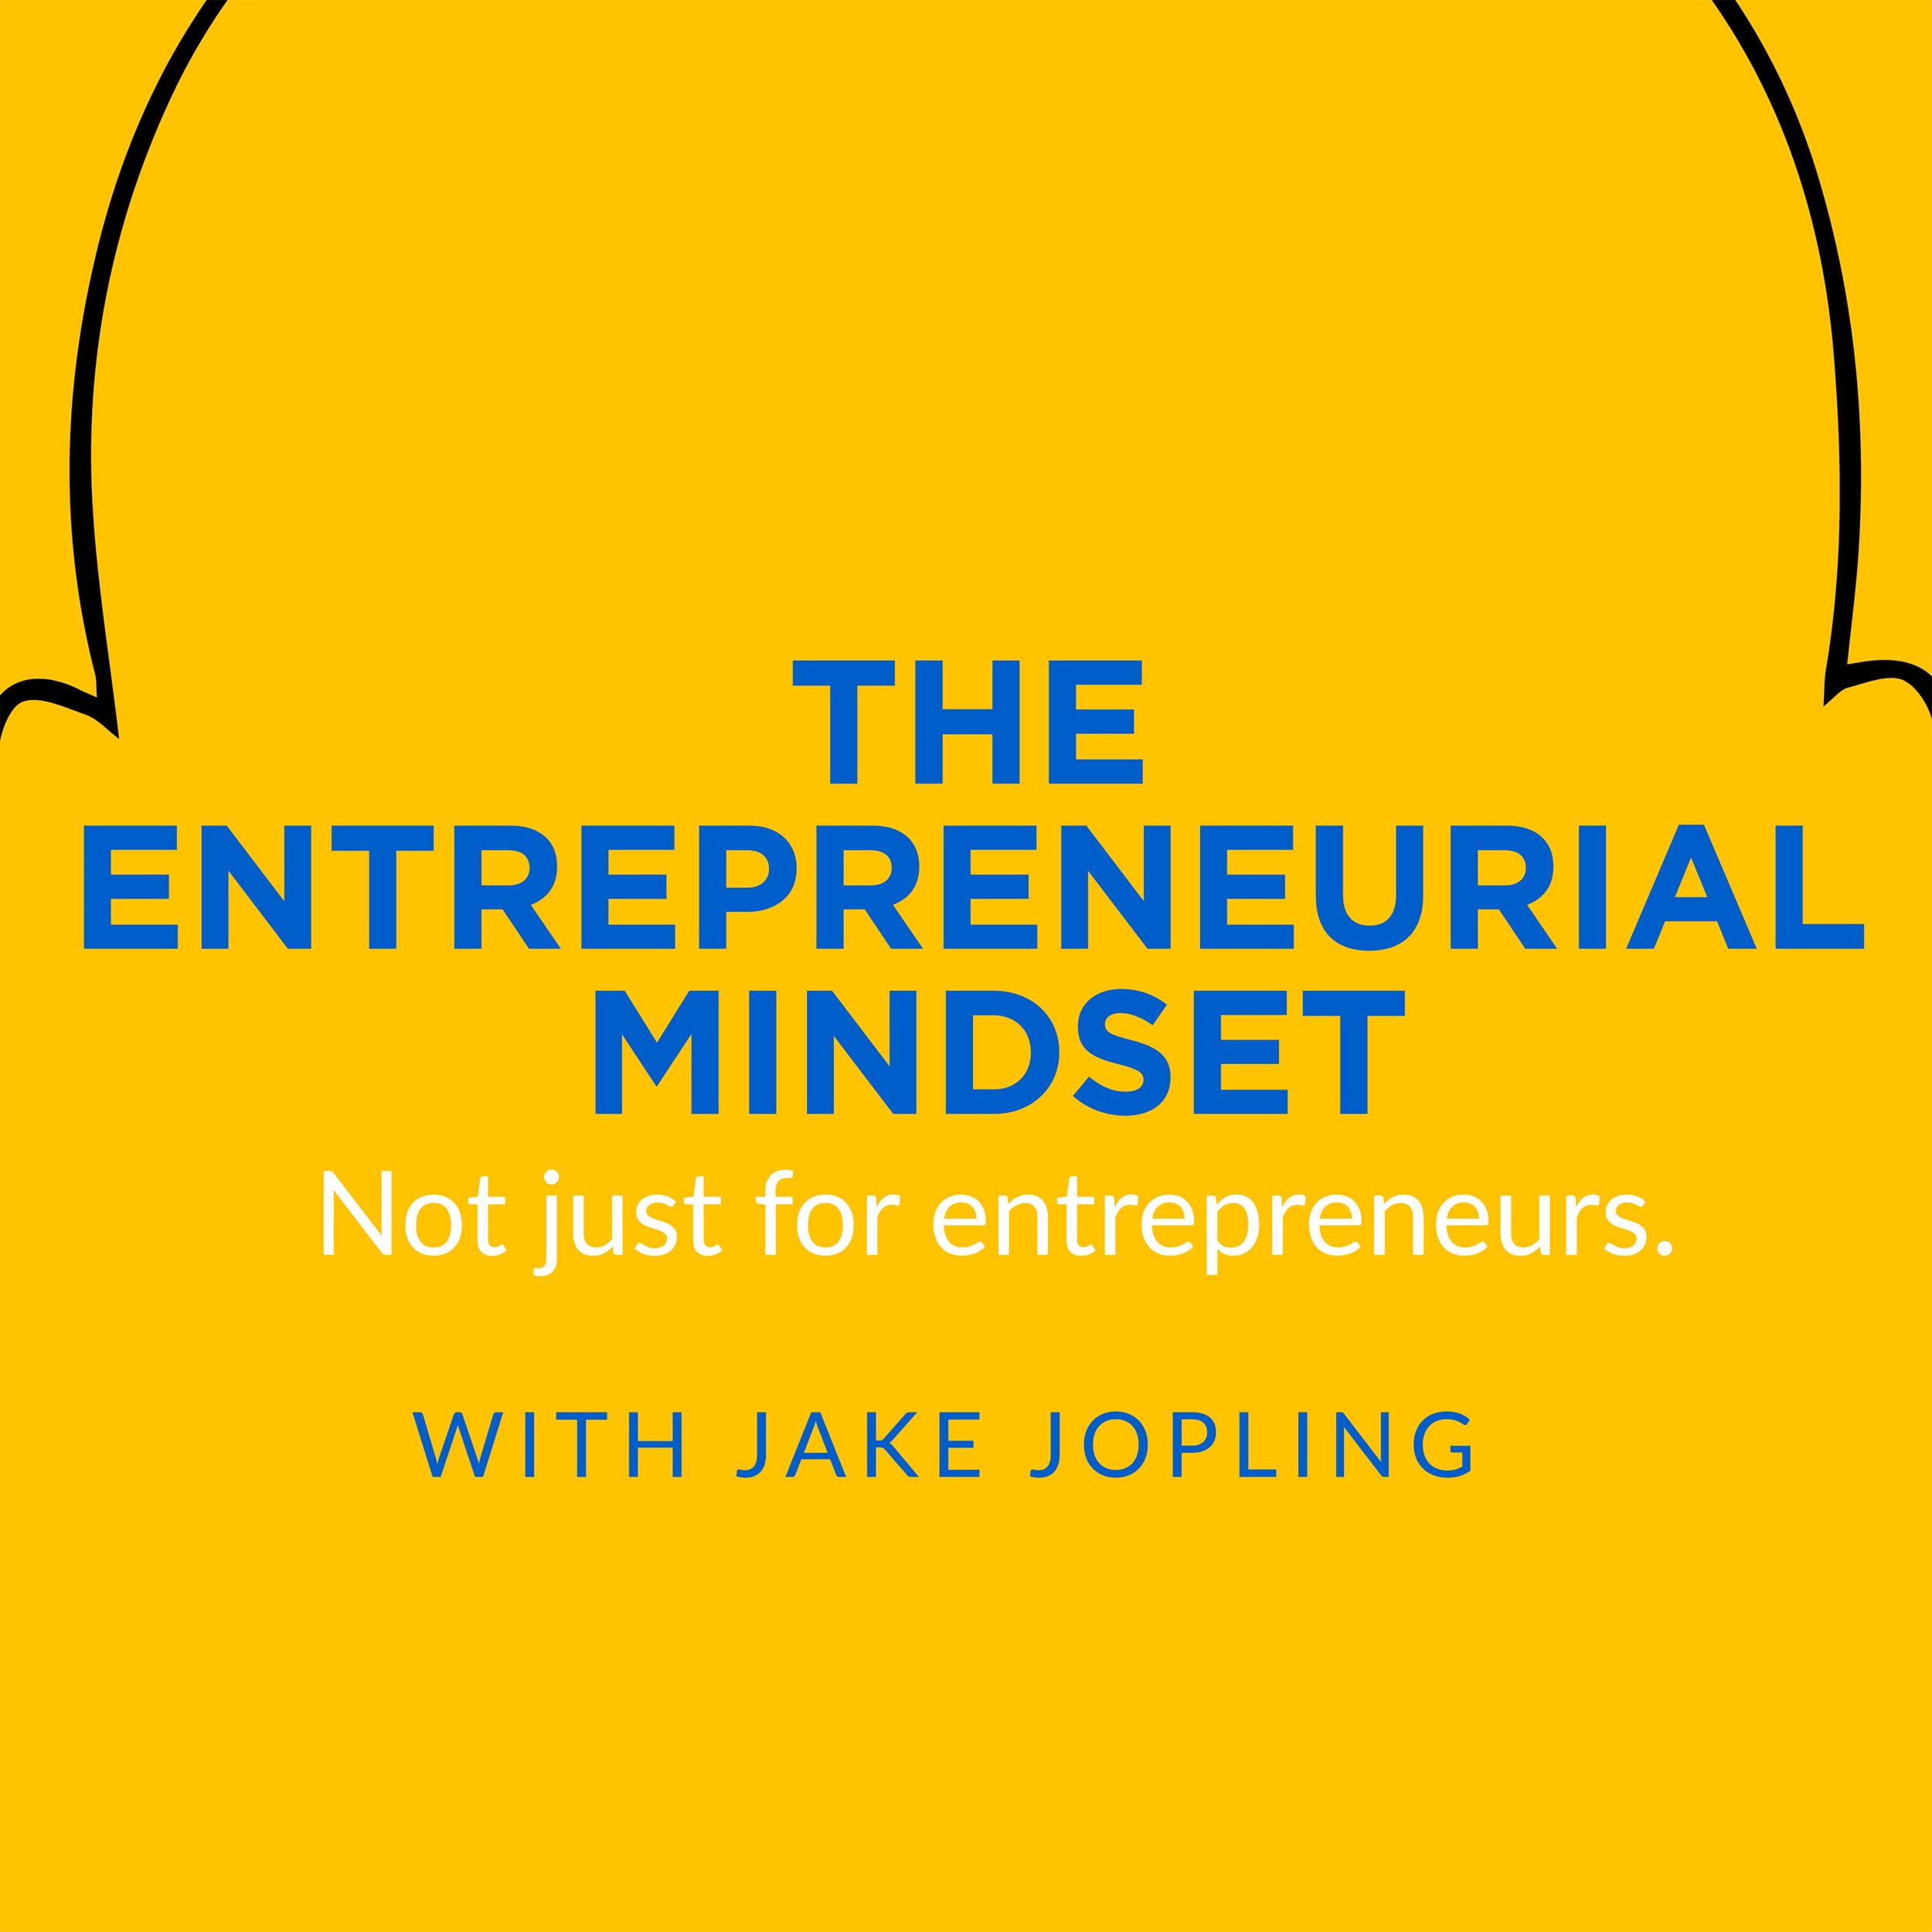 Artwork for podcast The Entrepreneurial Mindset